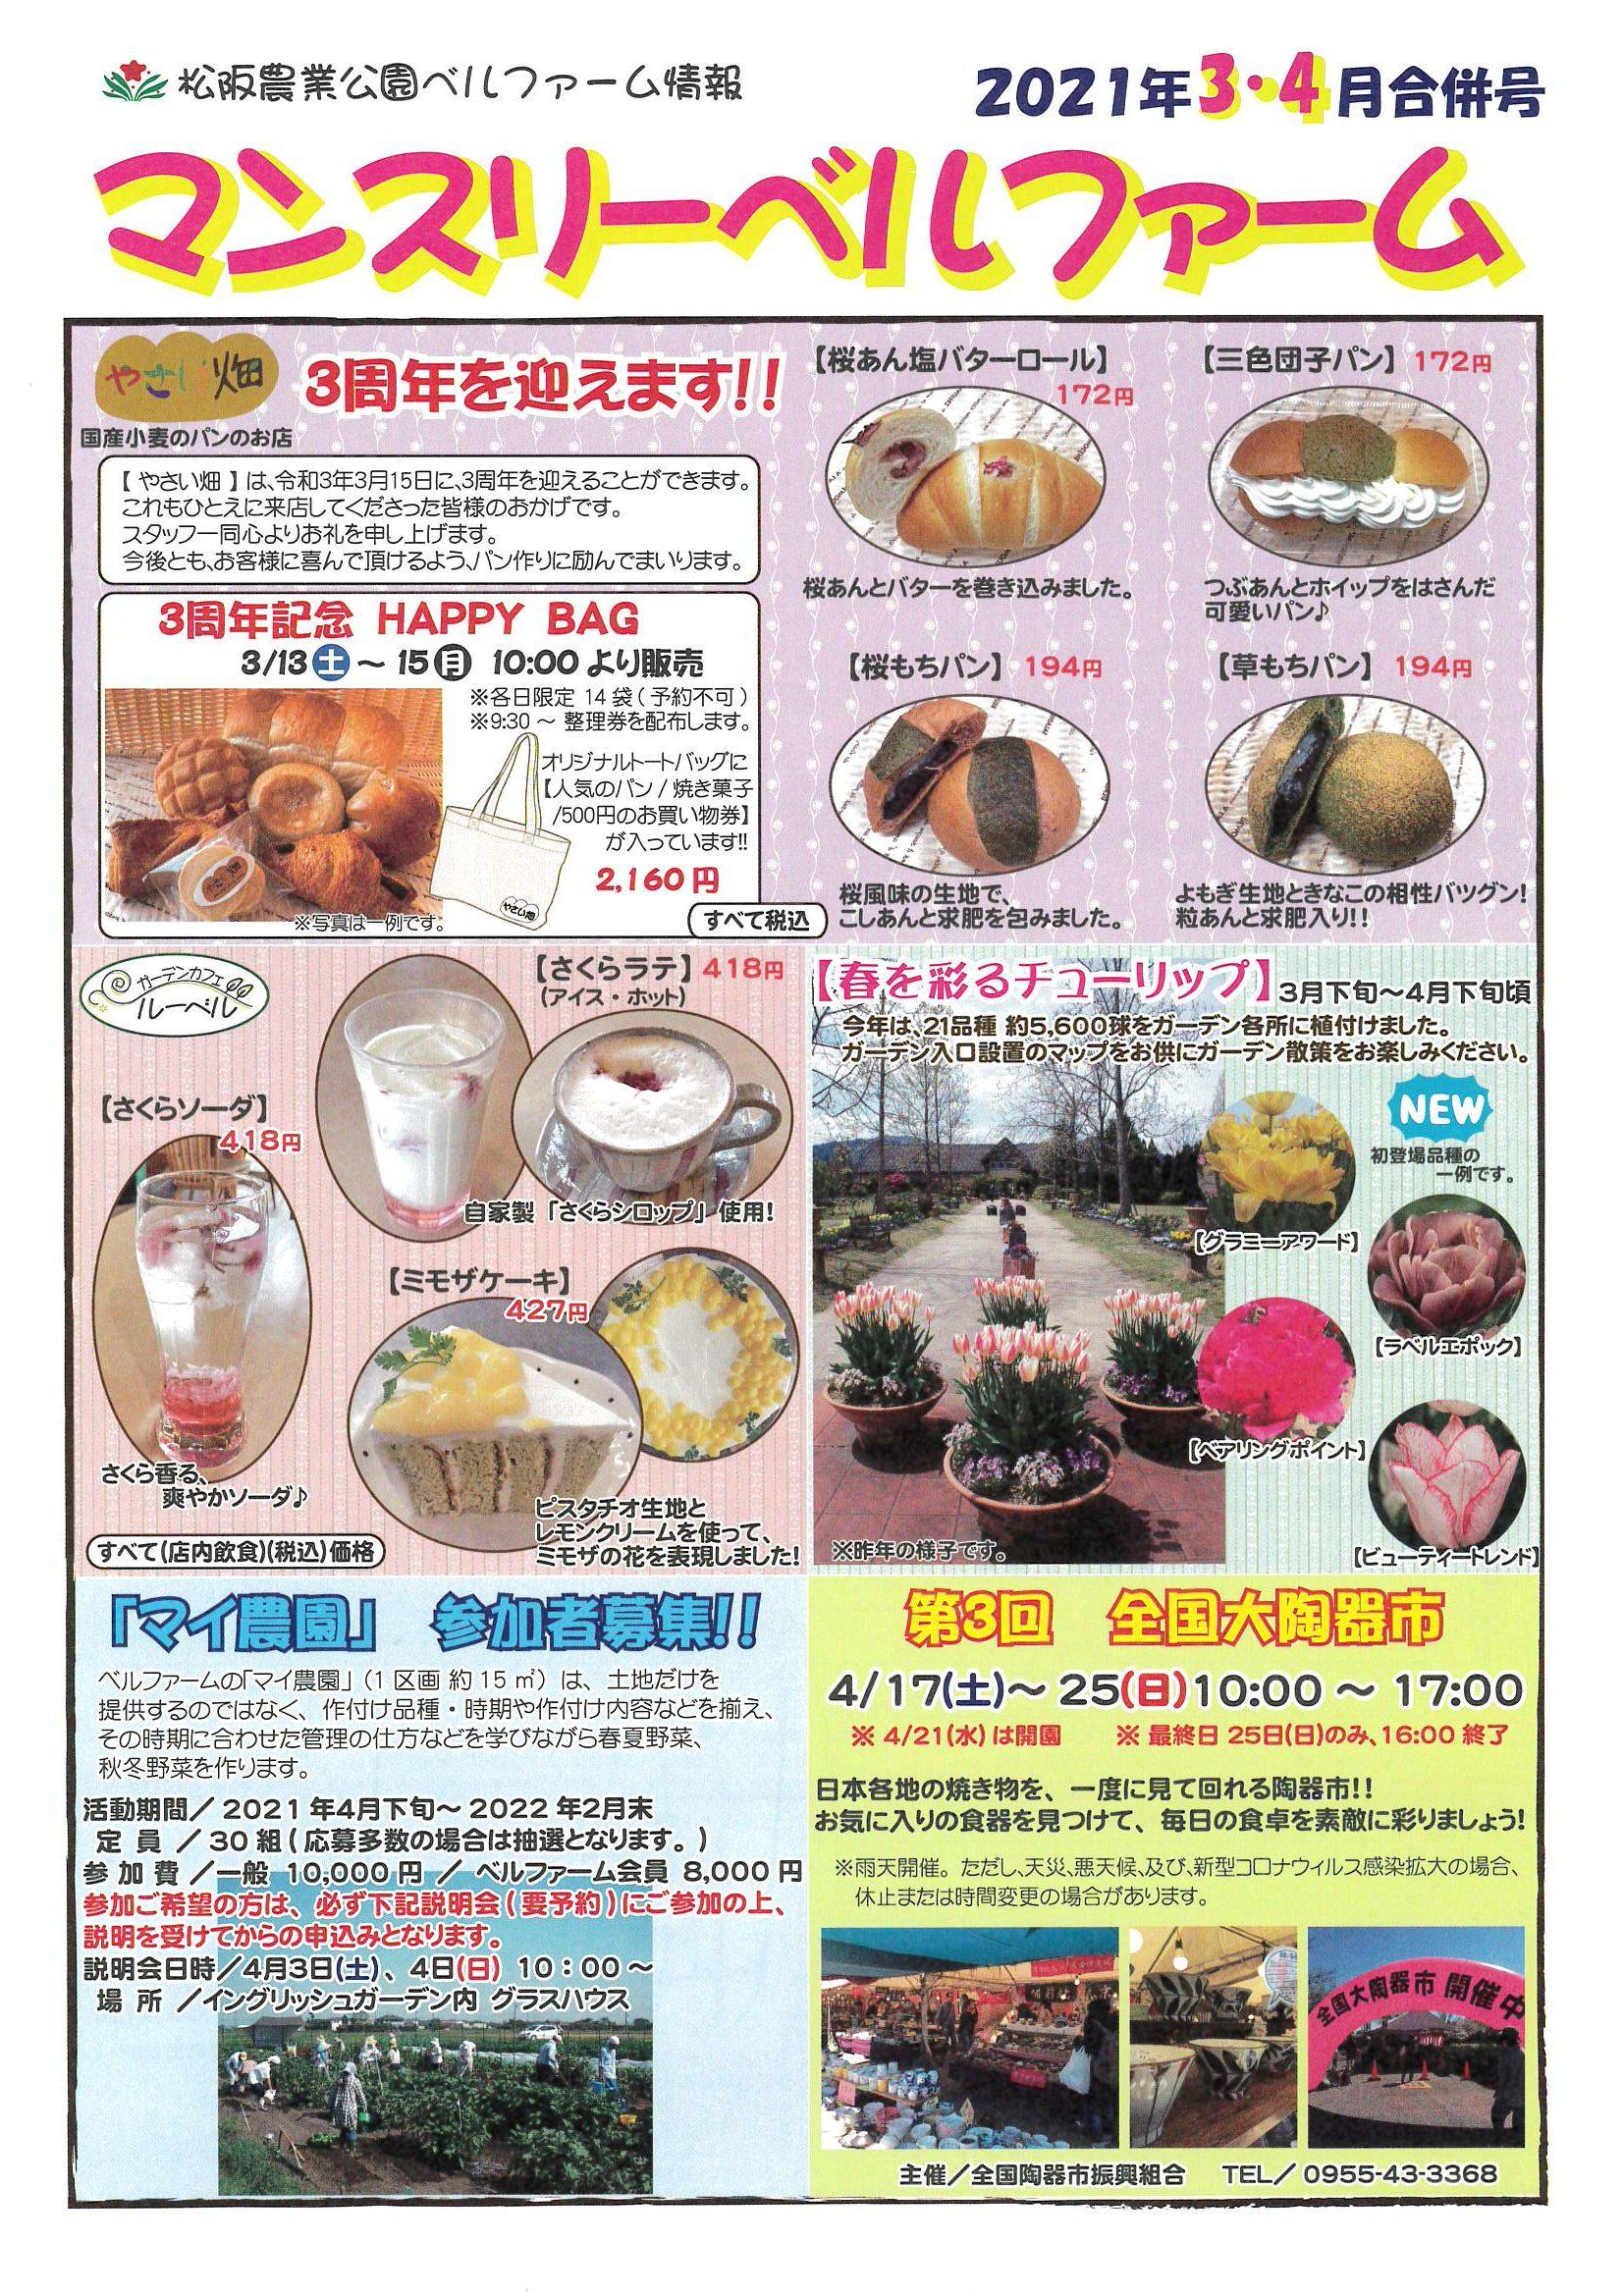 松阪農業公園ベルファーム情報 3、4月号